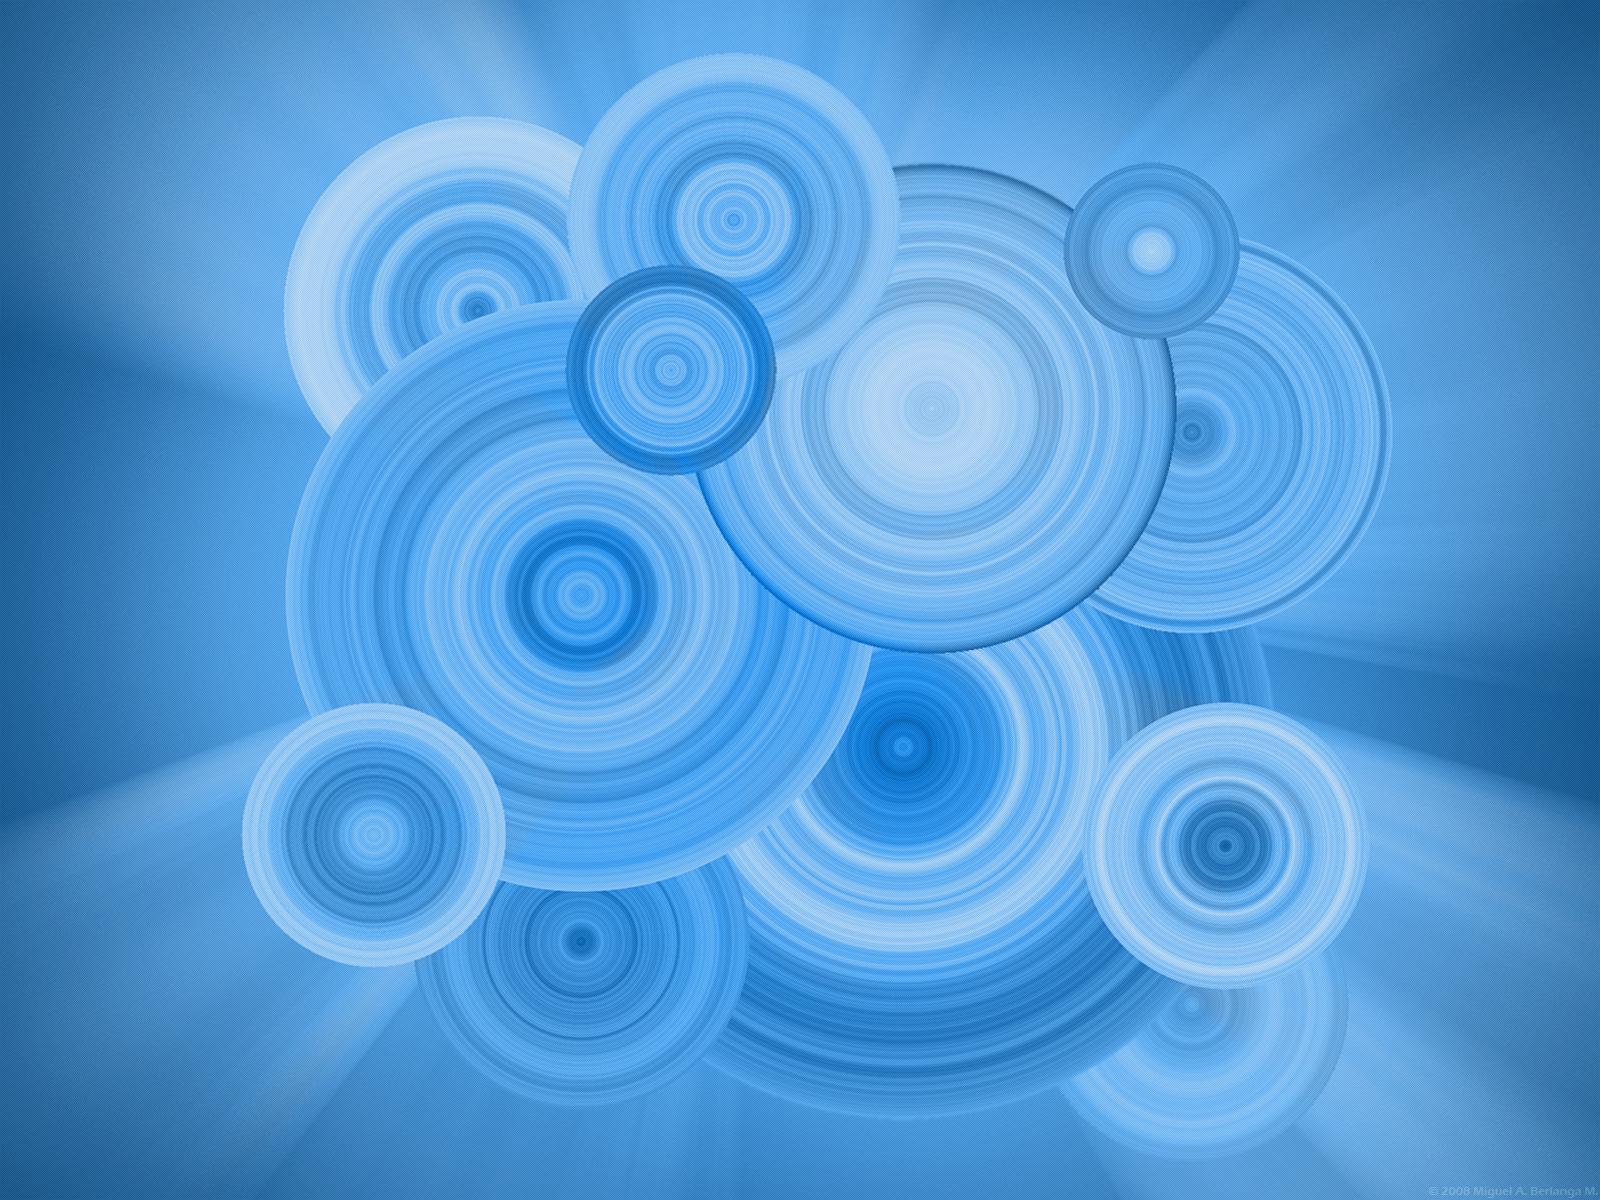 Free Circle Wallpaper